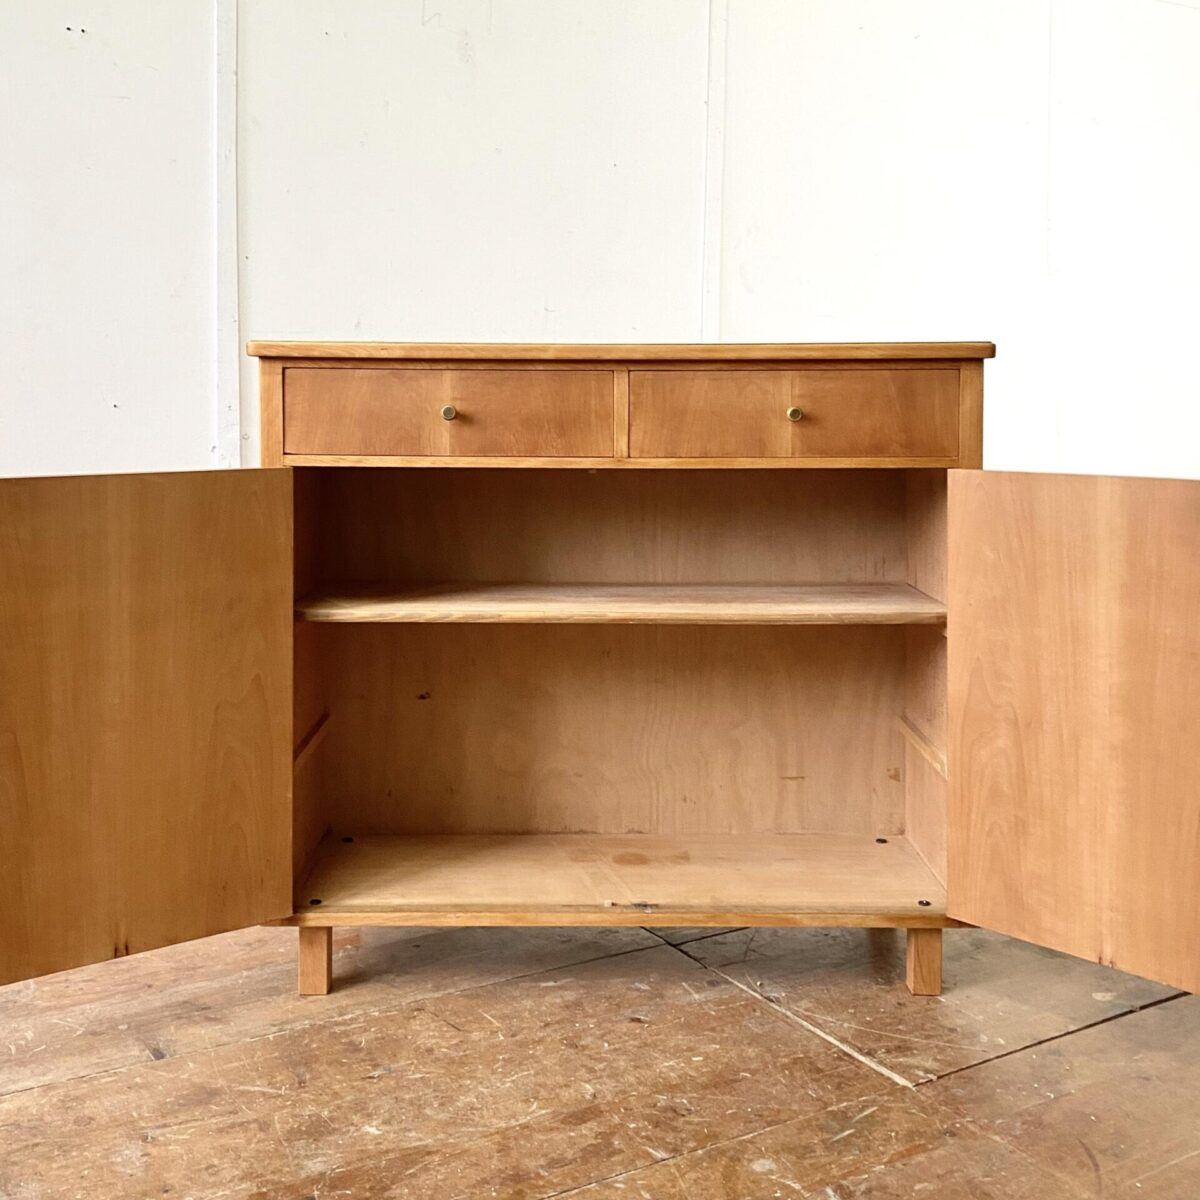 Deuxieme.shop swissdesign Sideboard 50er Jahre. Schlichte Kommode mit Türen und zwei Schubladen, aus Buche und wohl Birnbaum furniert. 101.5 x 36.5cm Höhe 89.5cm. Das Möbel ist geölt, matte ruhige Ausstrahlung.